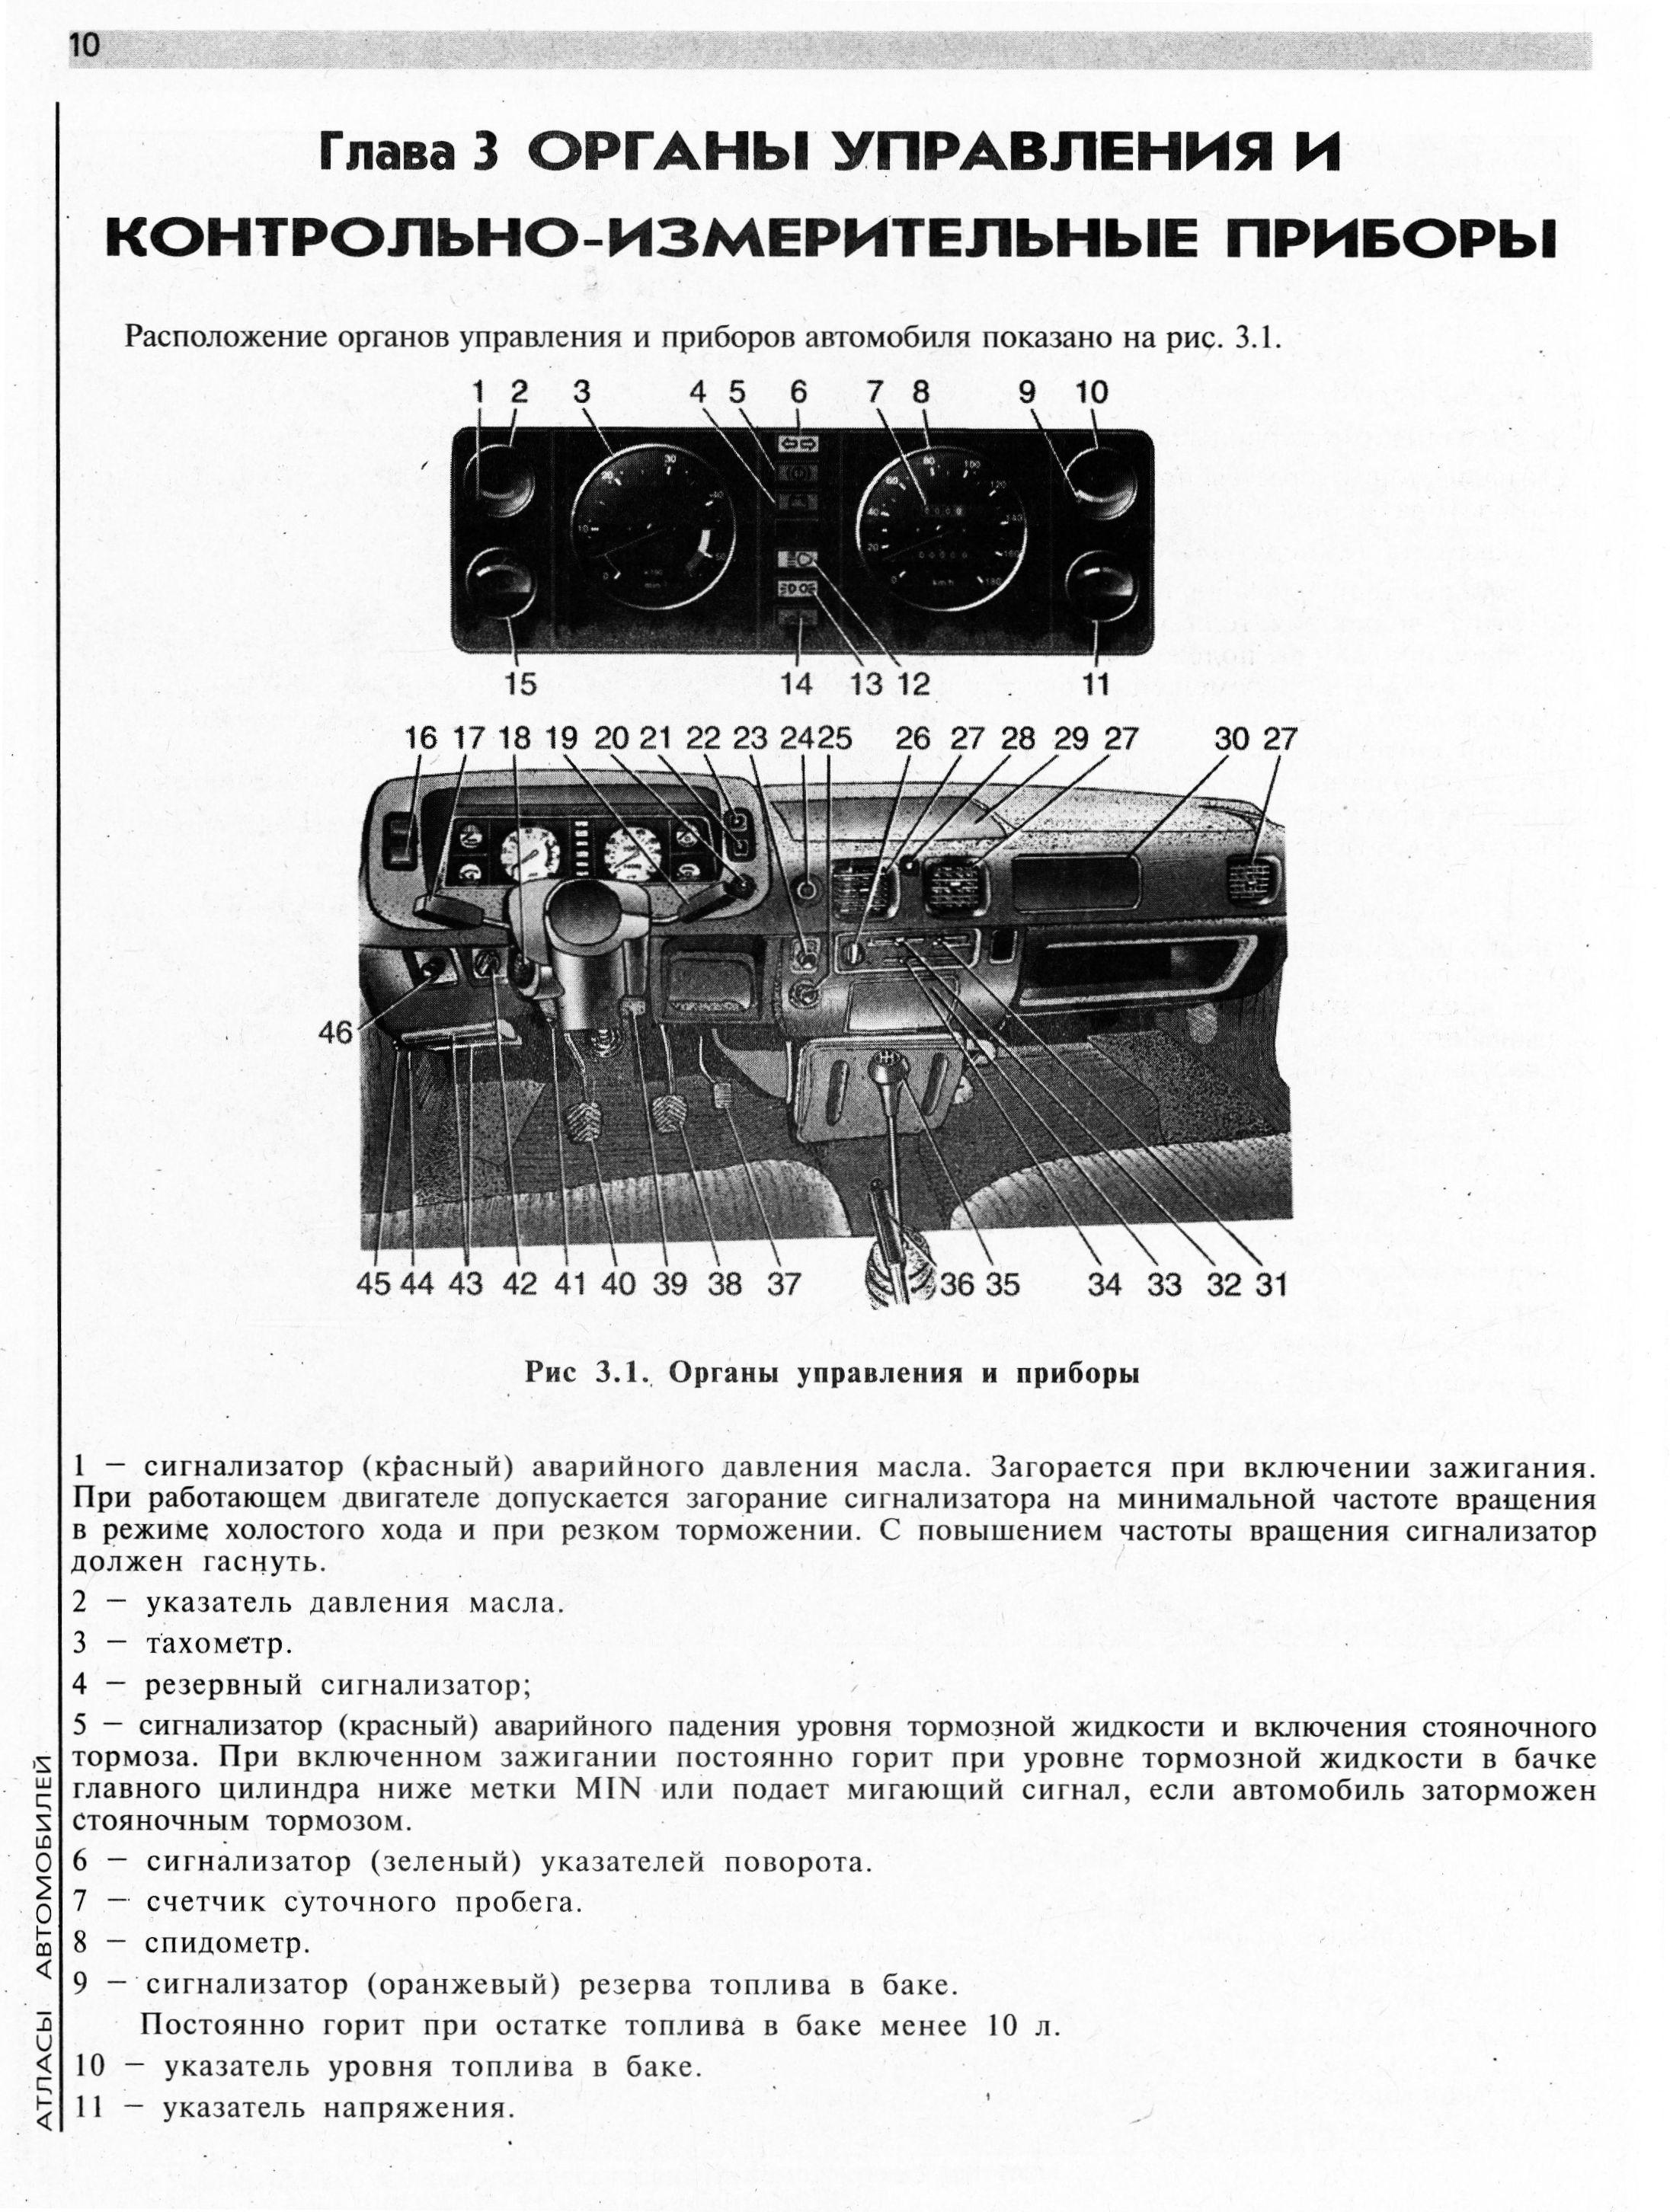 инструкция по эксплуатации газ-51